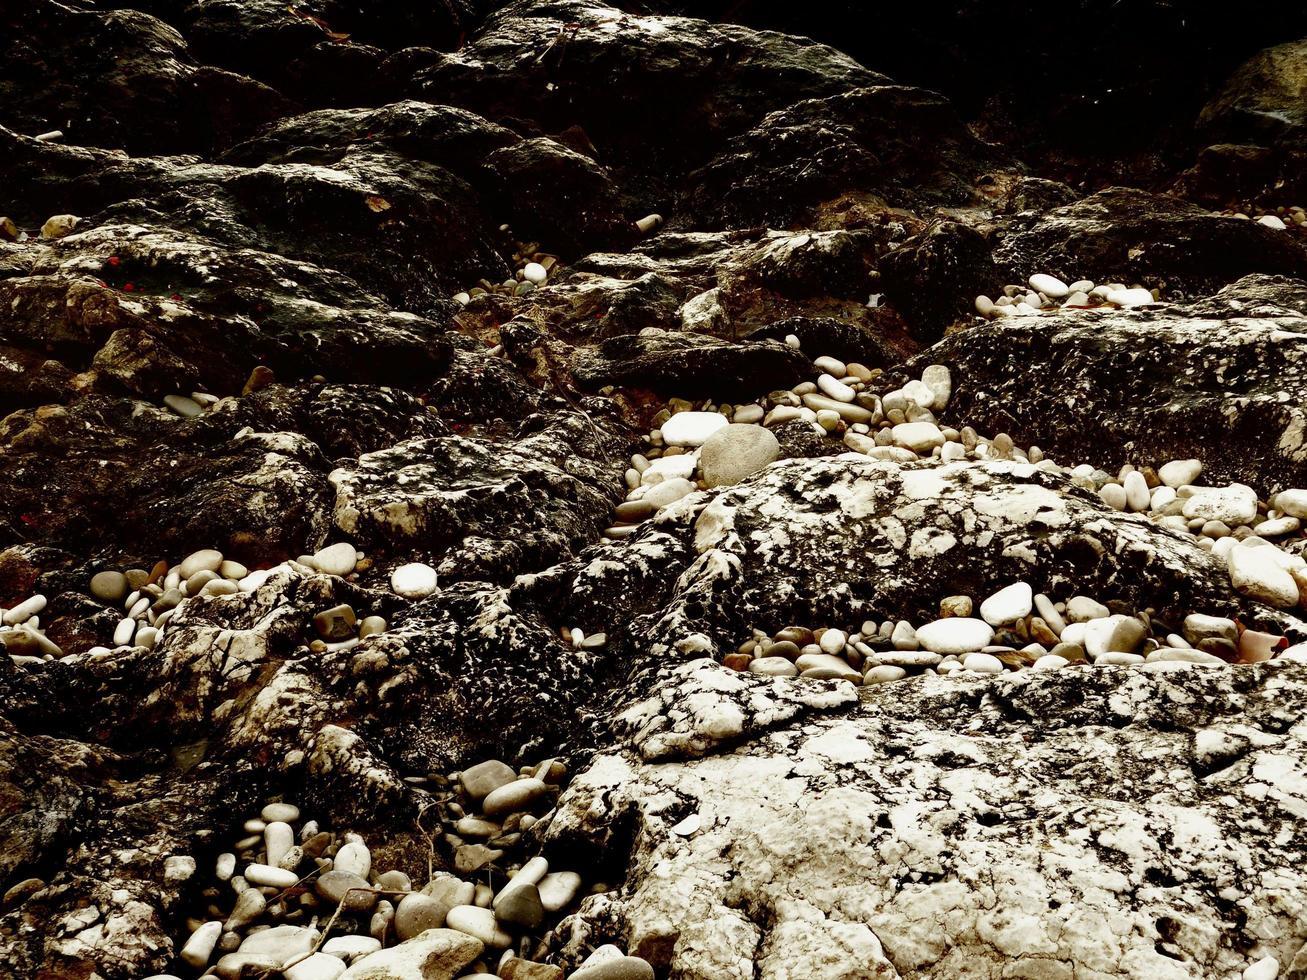 donkere steen textuur foto